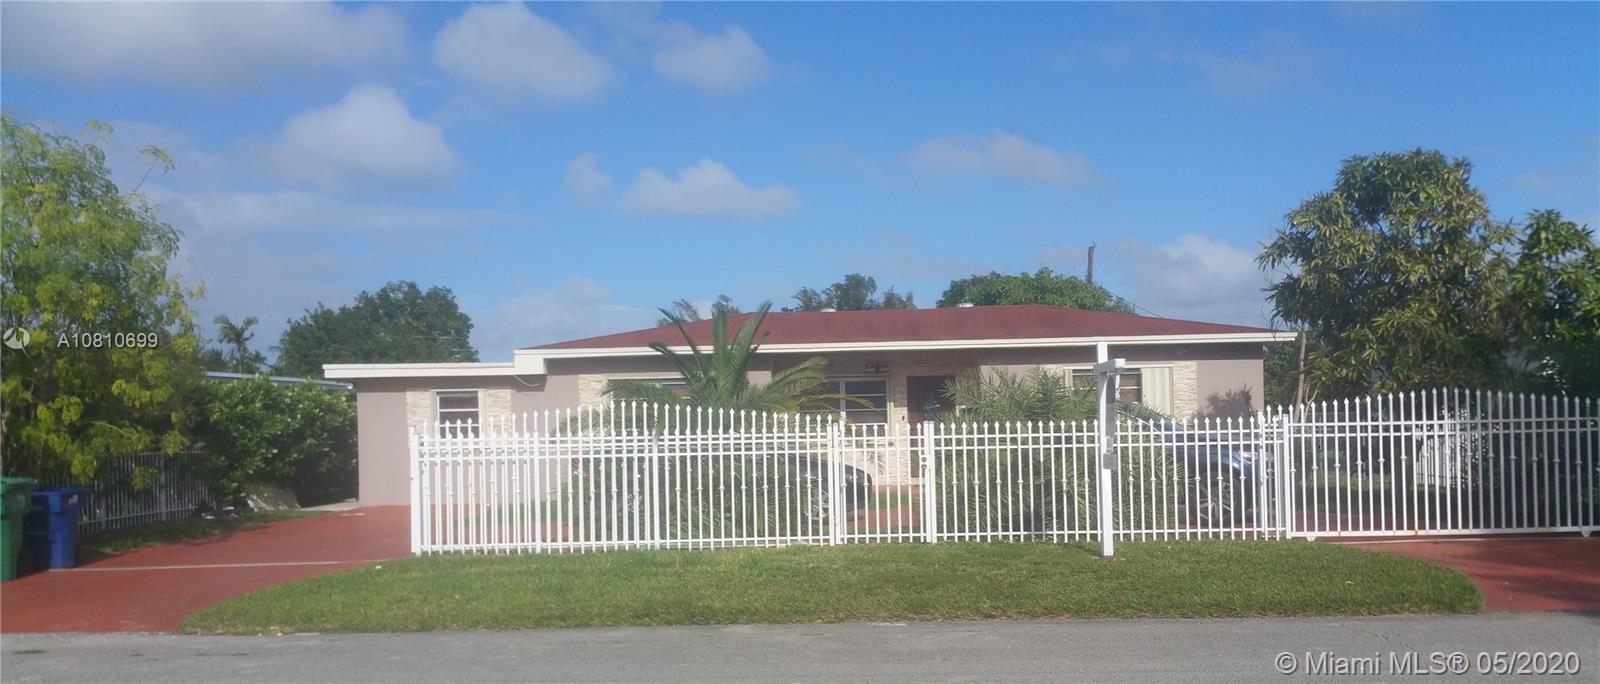 14901 Garden Dr, Miami, FL 33168 - Miami, FL real estate listing